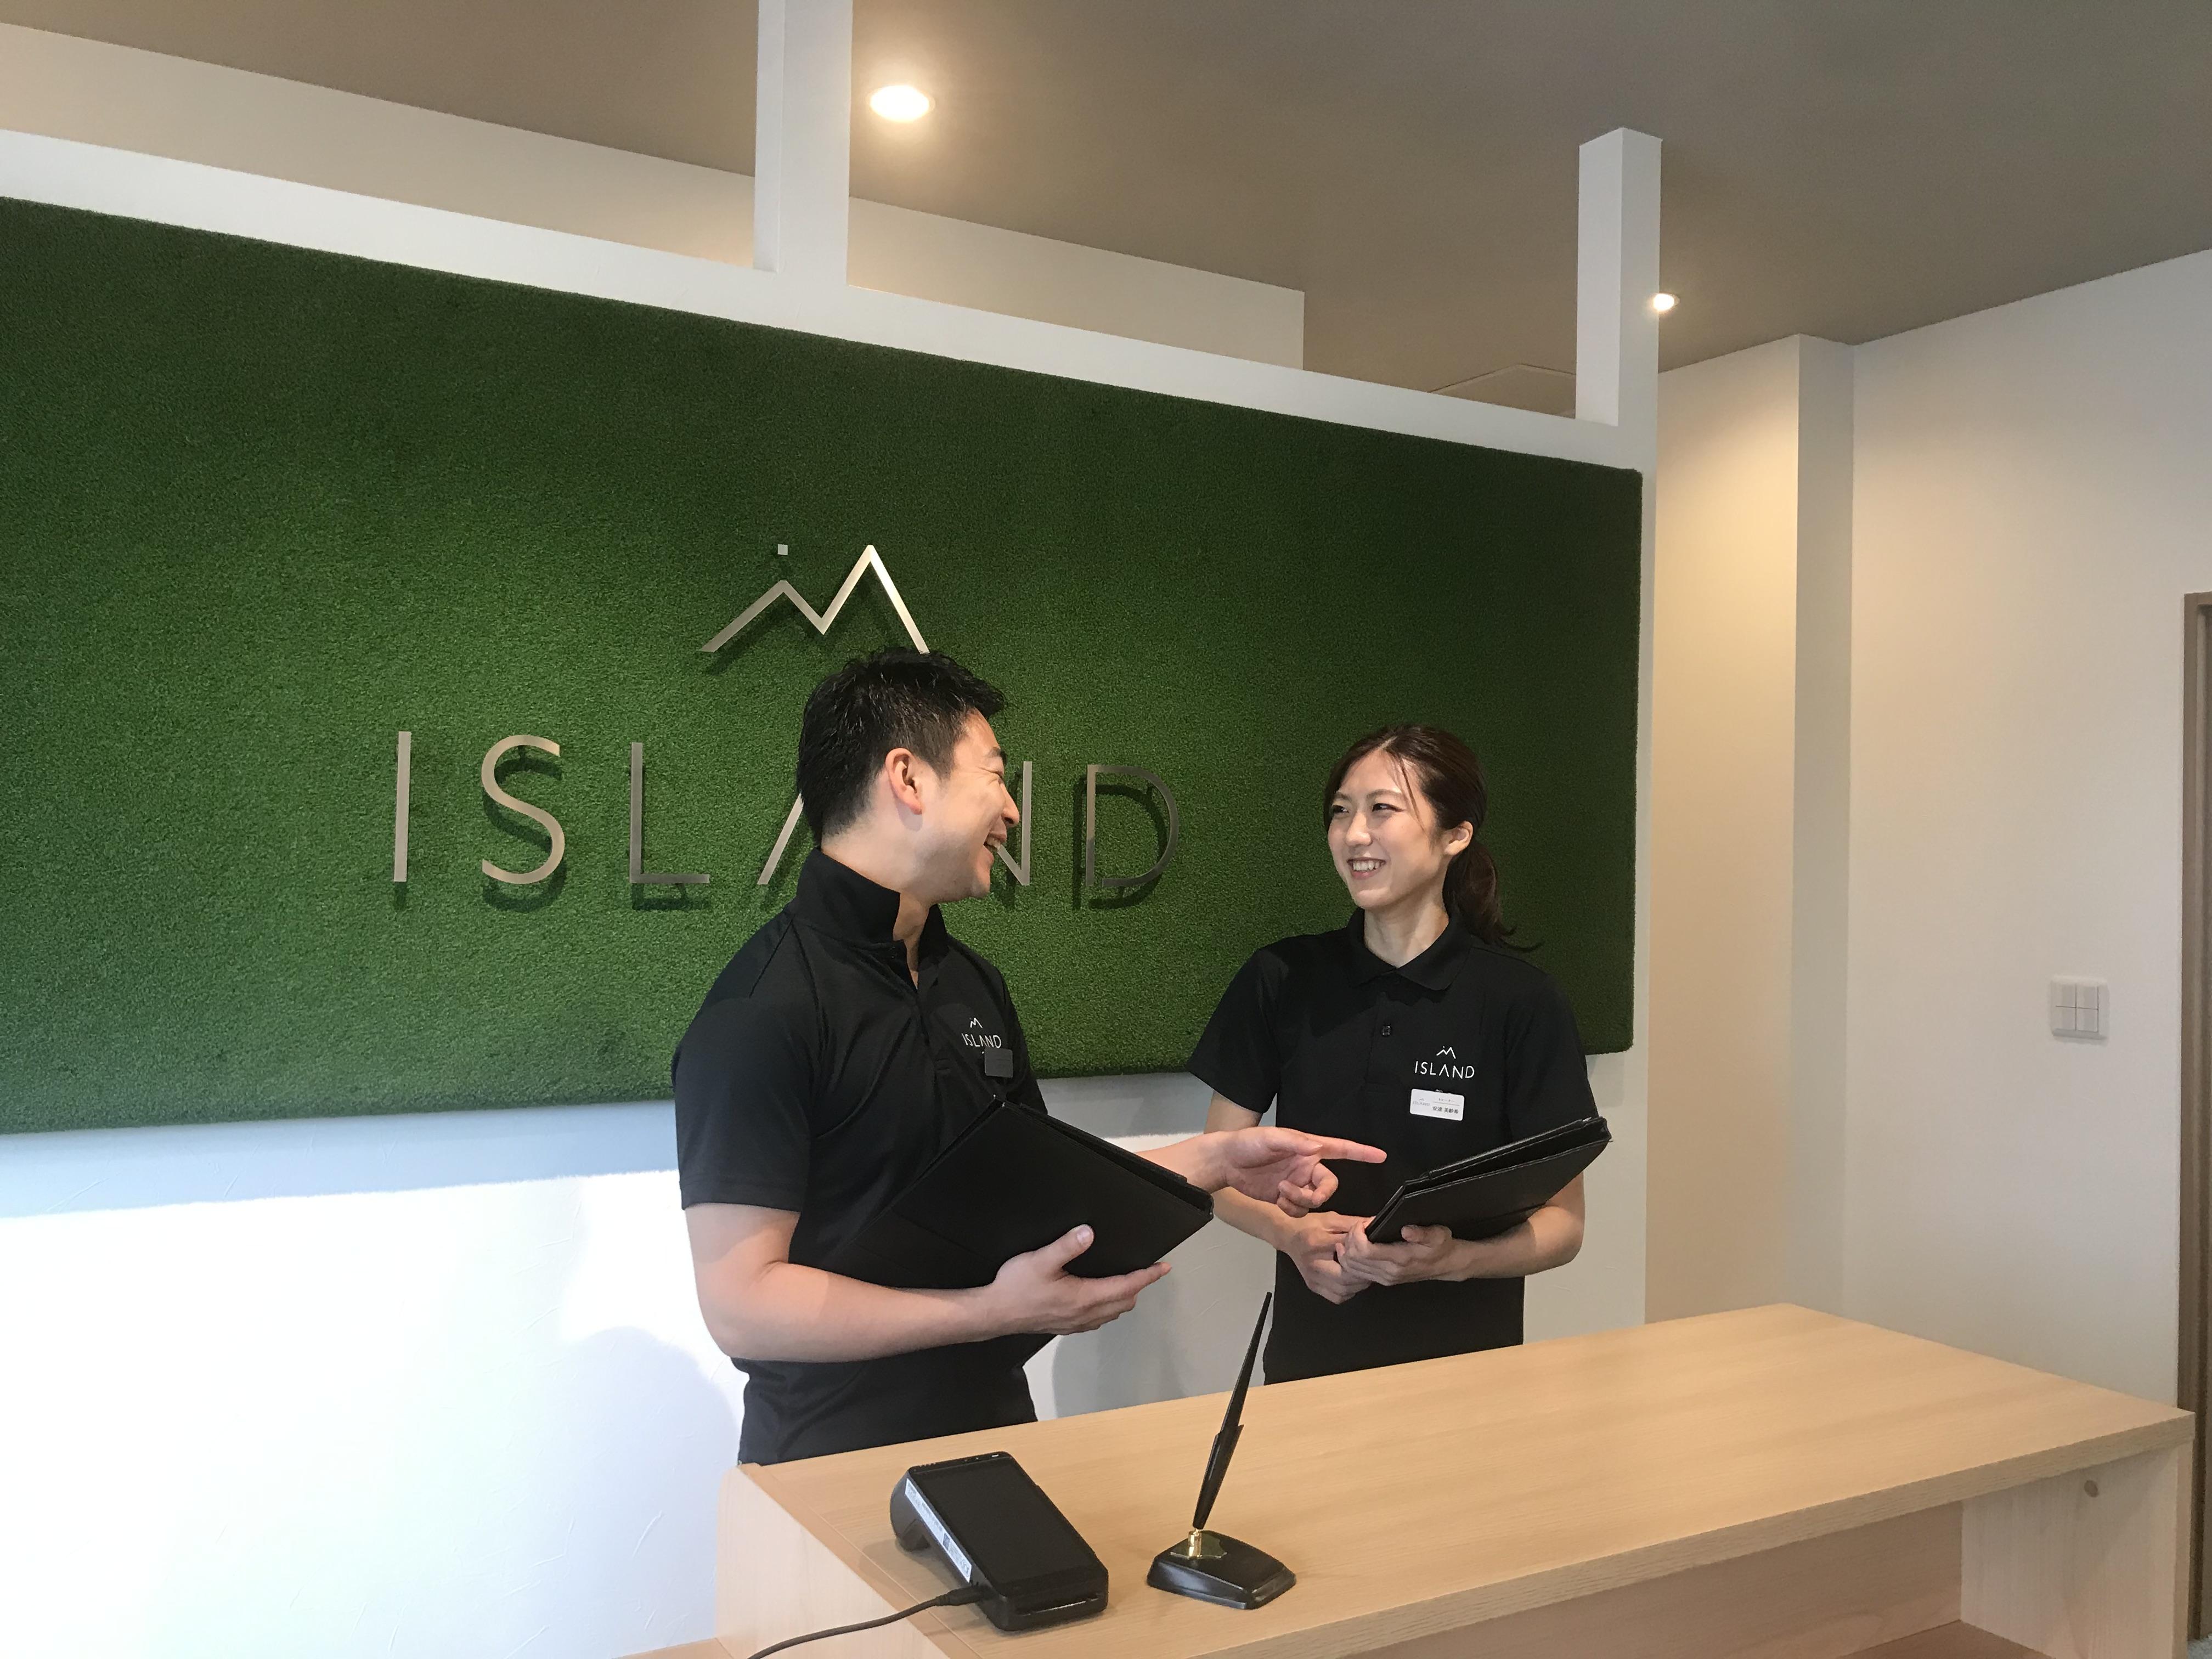 新潟で朝活するなら パーソナルトレーニングジムISLAND(アイランド)